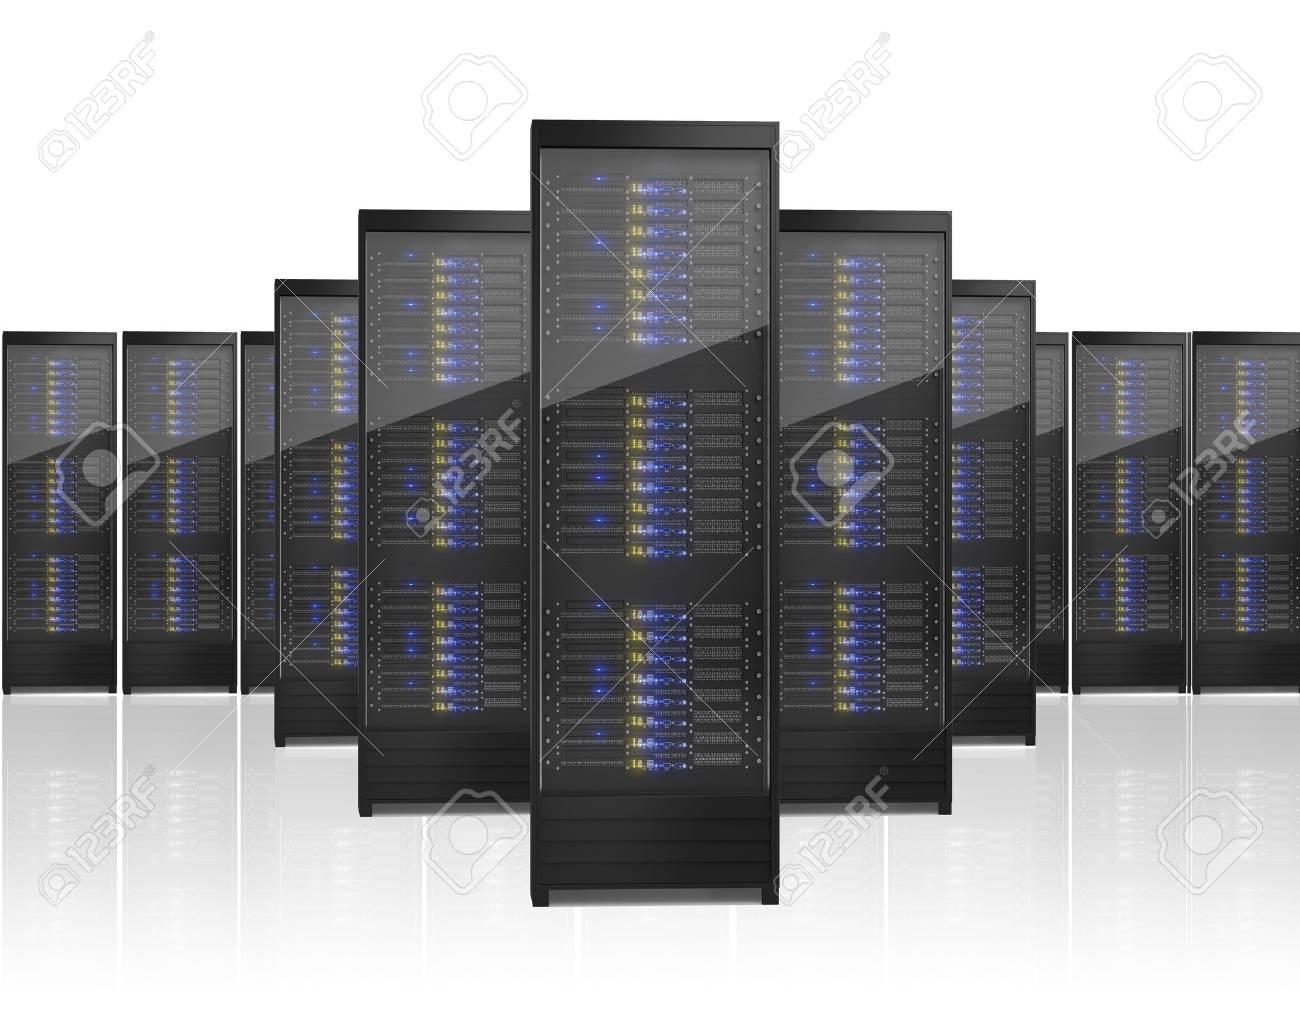 Image of many server racks. Isolated on white background Stock Photo - 17712304